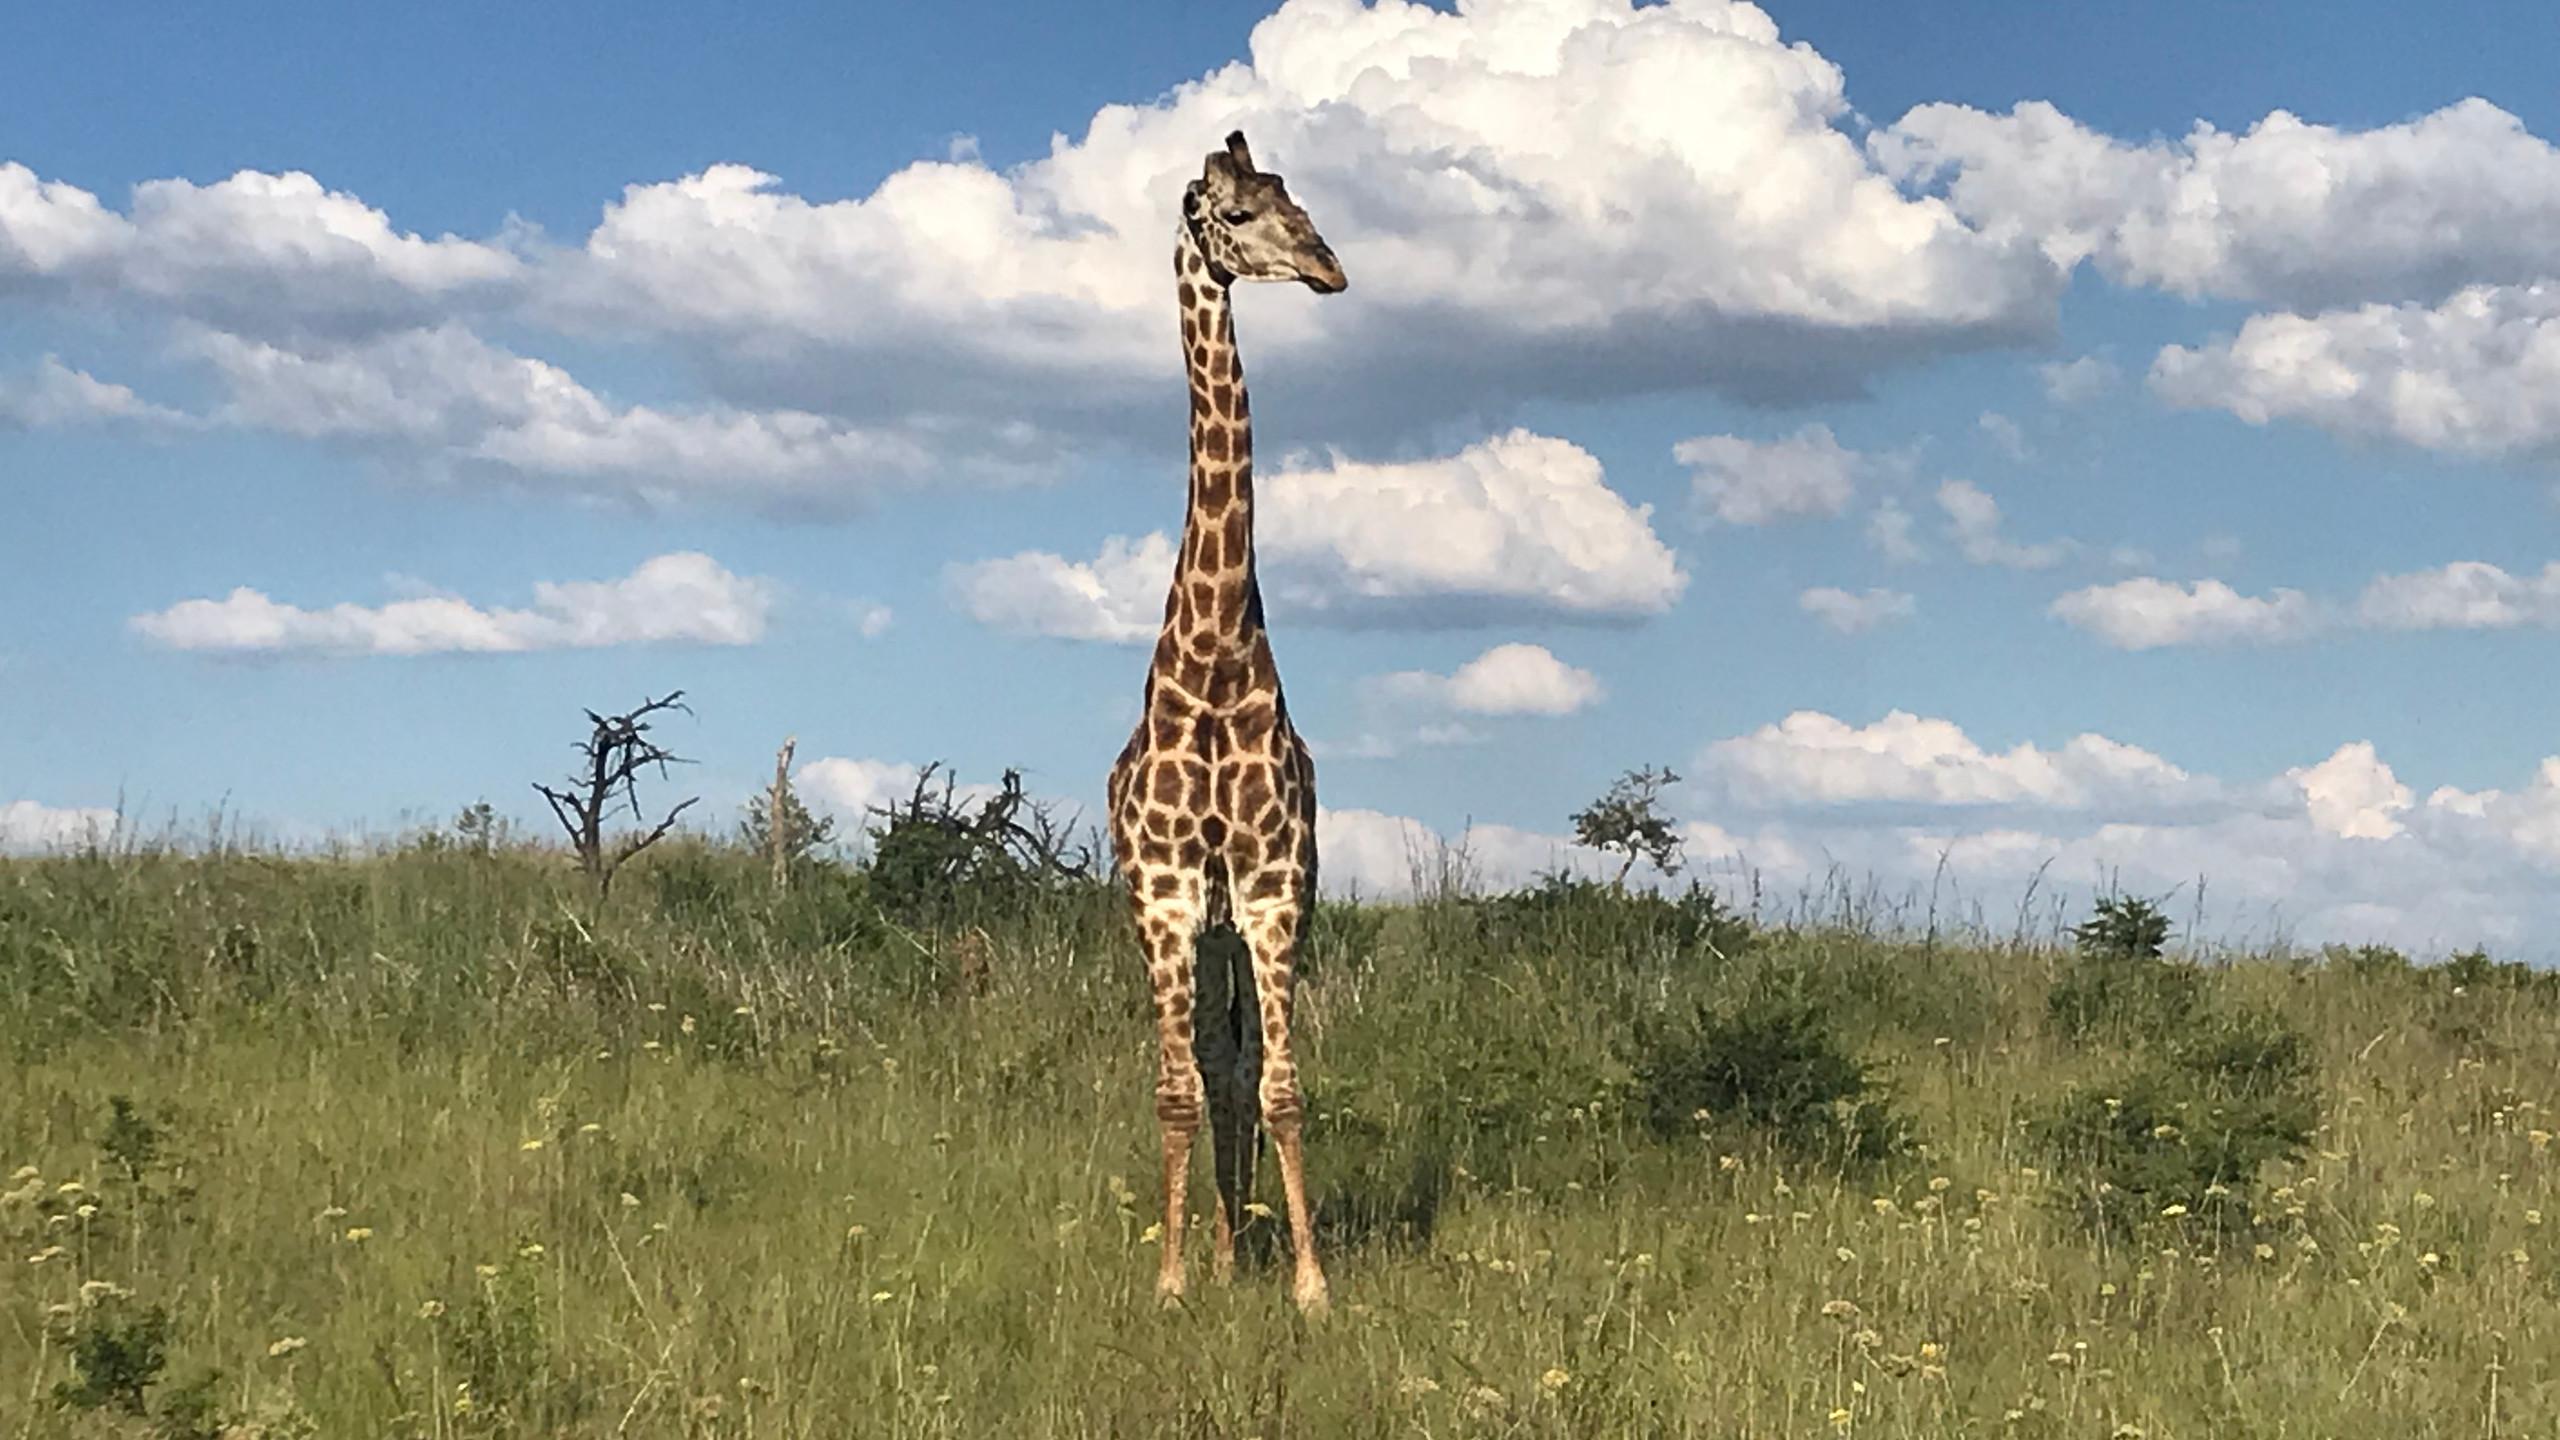 Giraffe in the wild